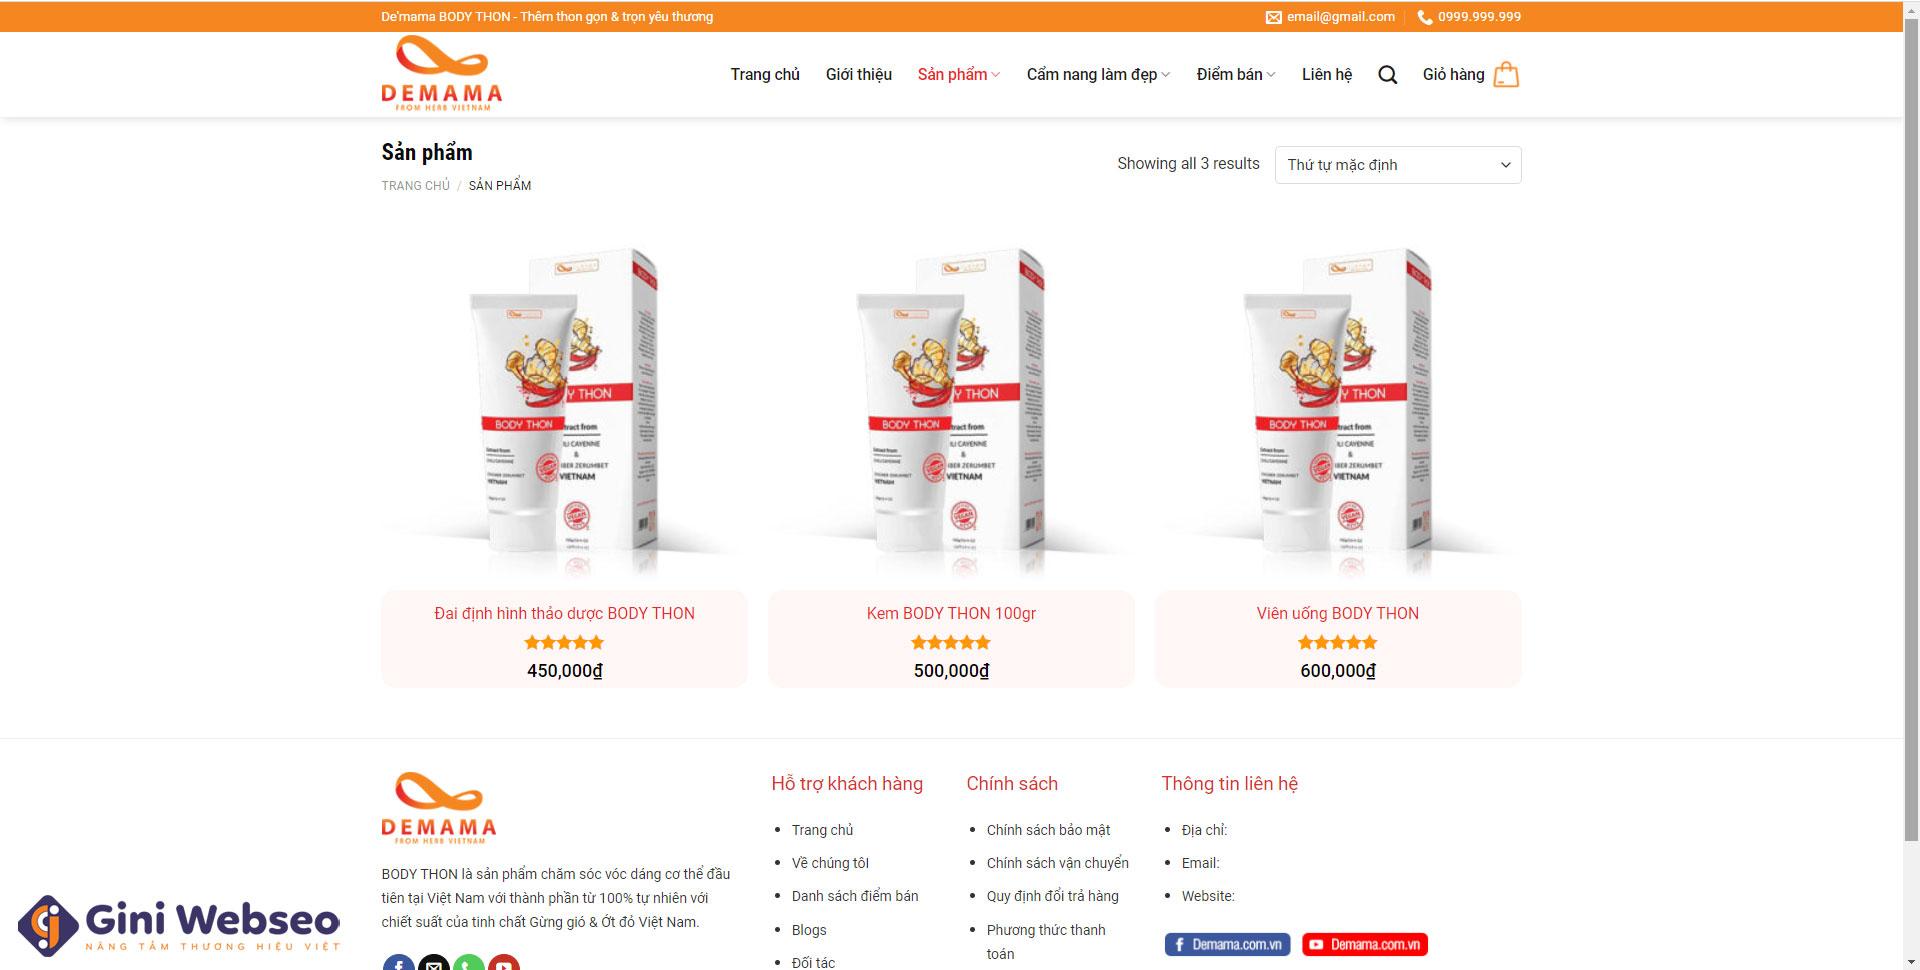 Thiết kế website sản phẩm chức năng Demama